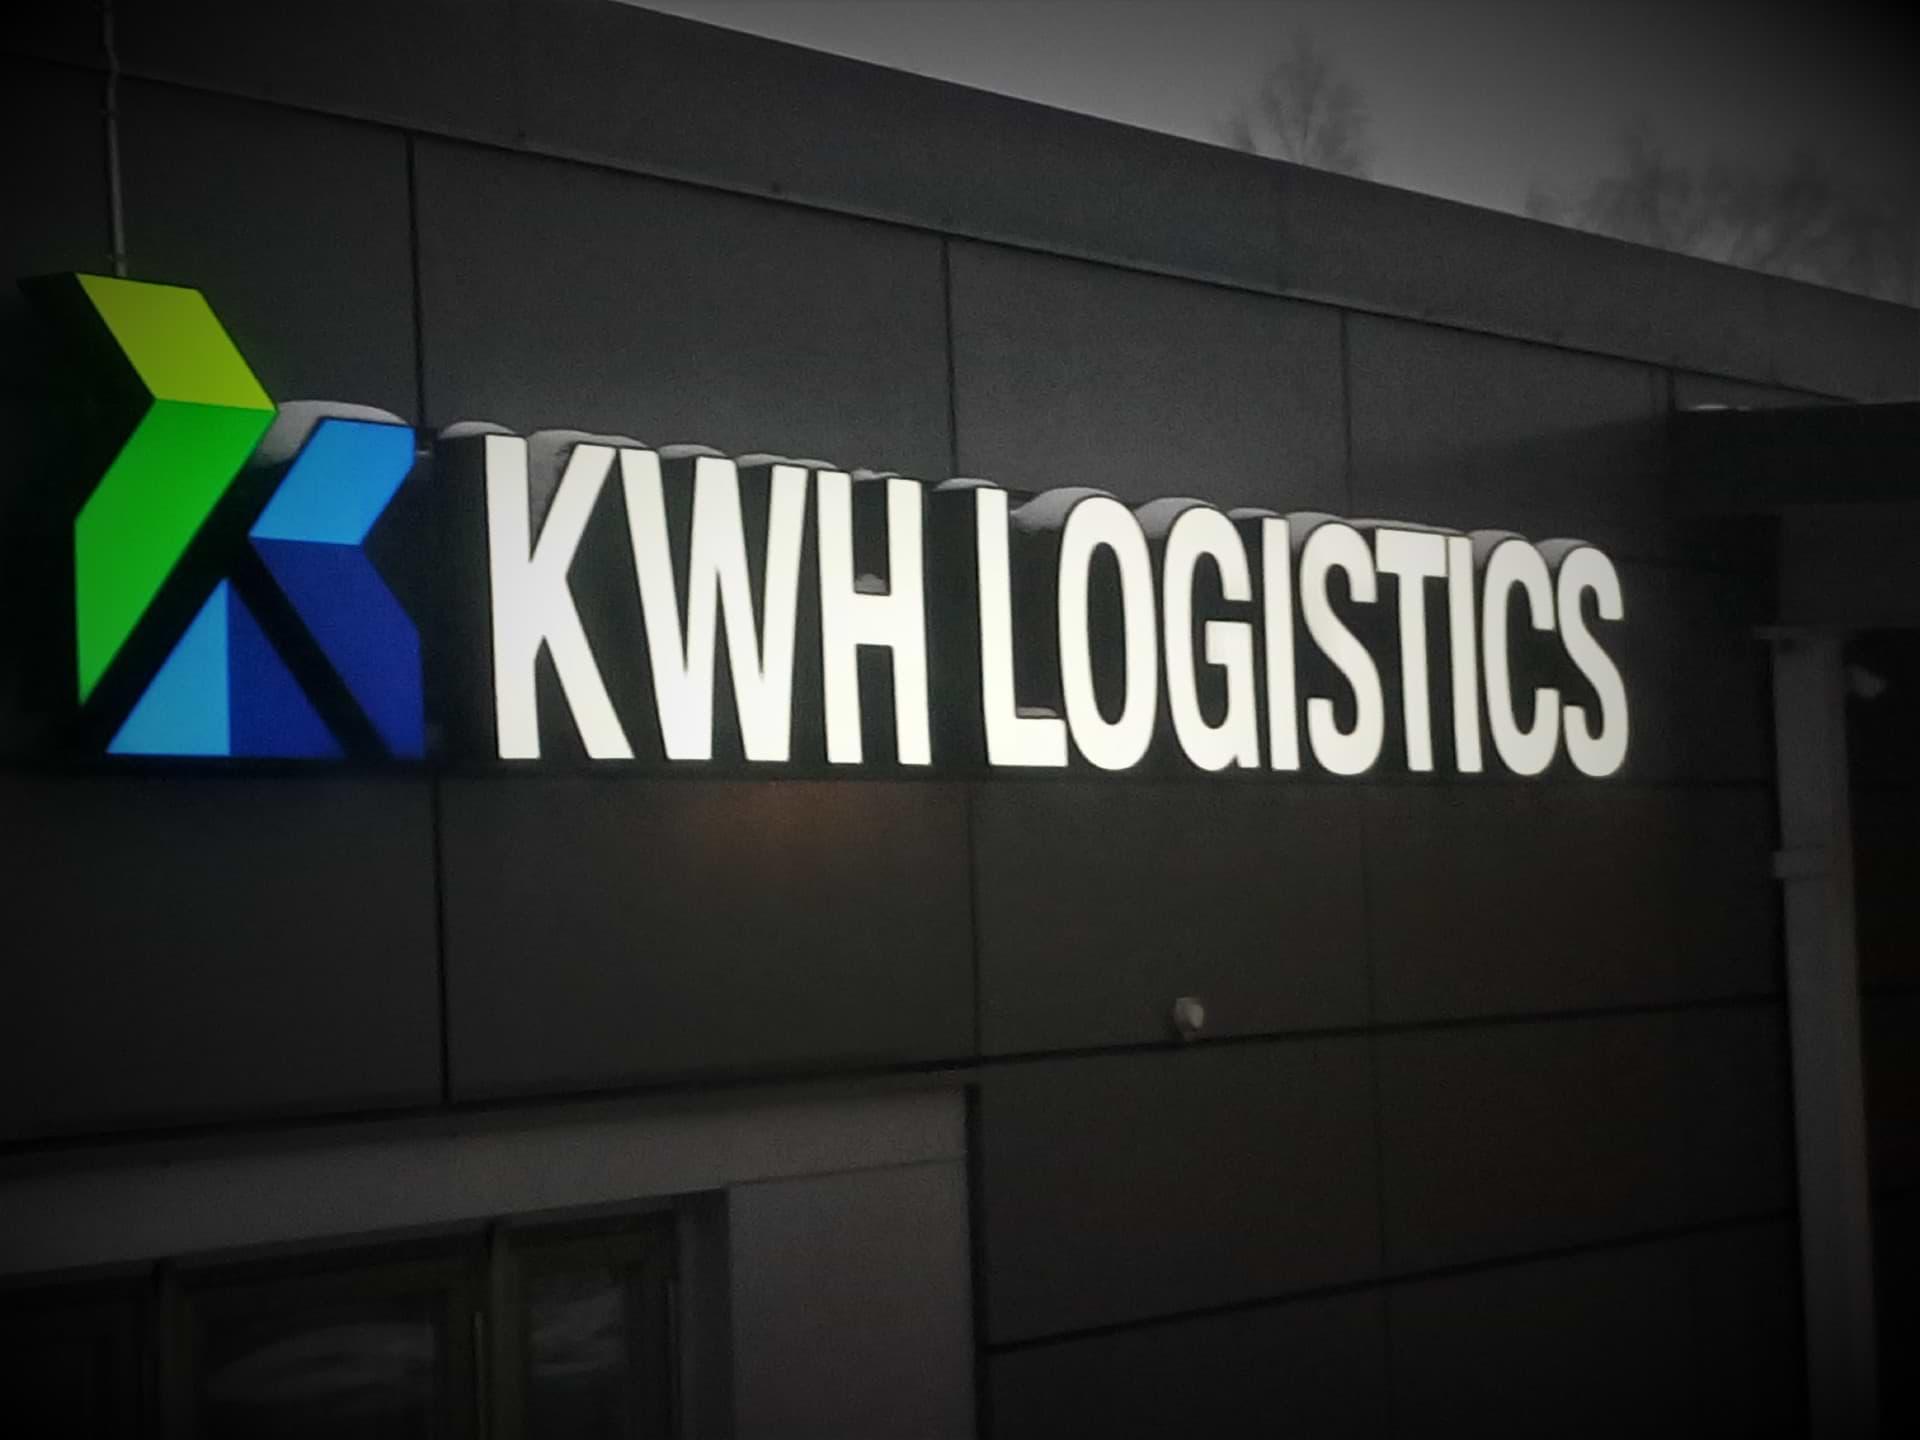 KWH-logistics